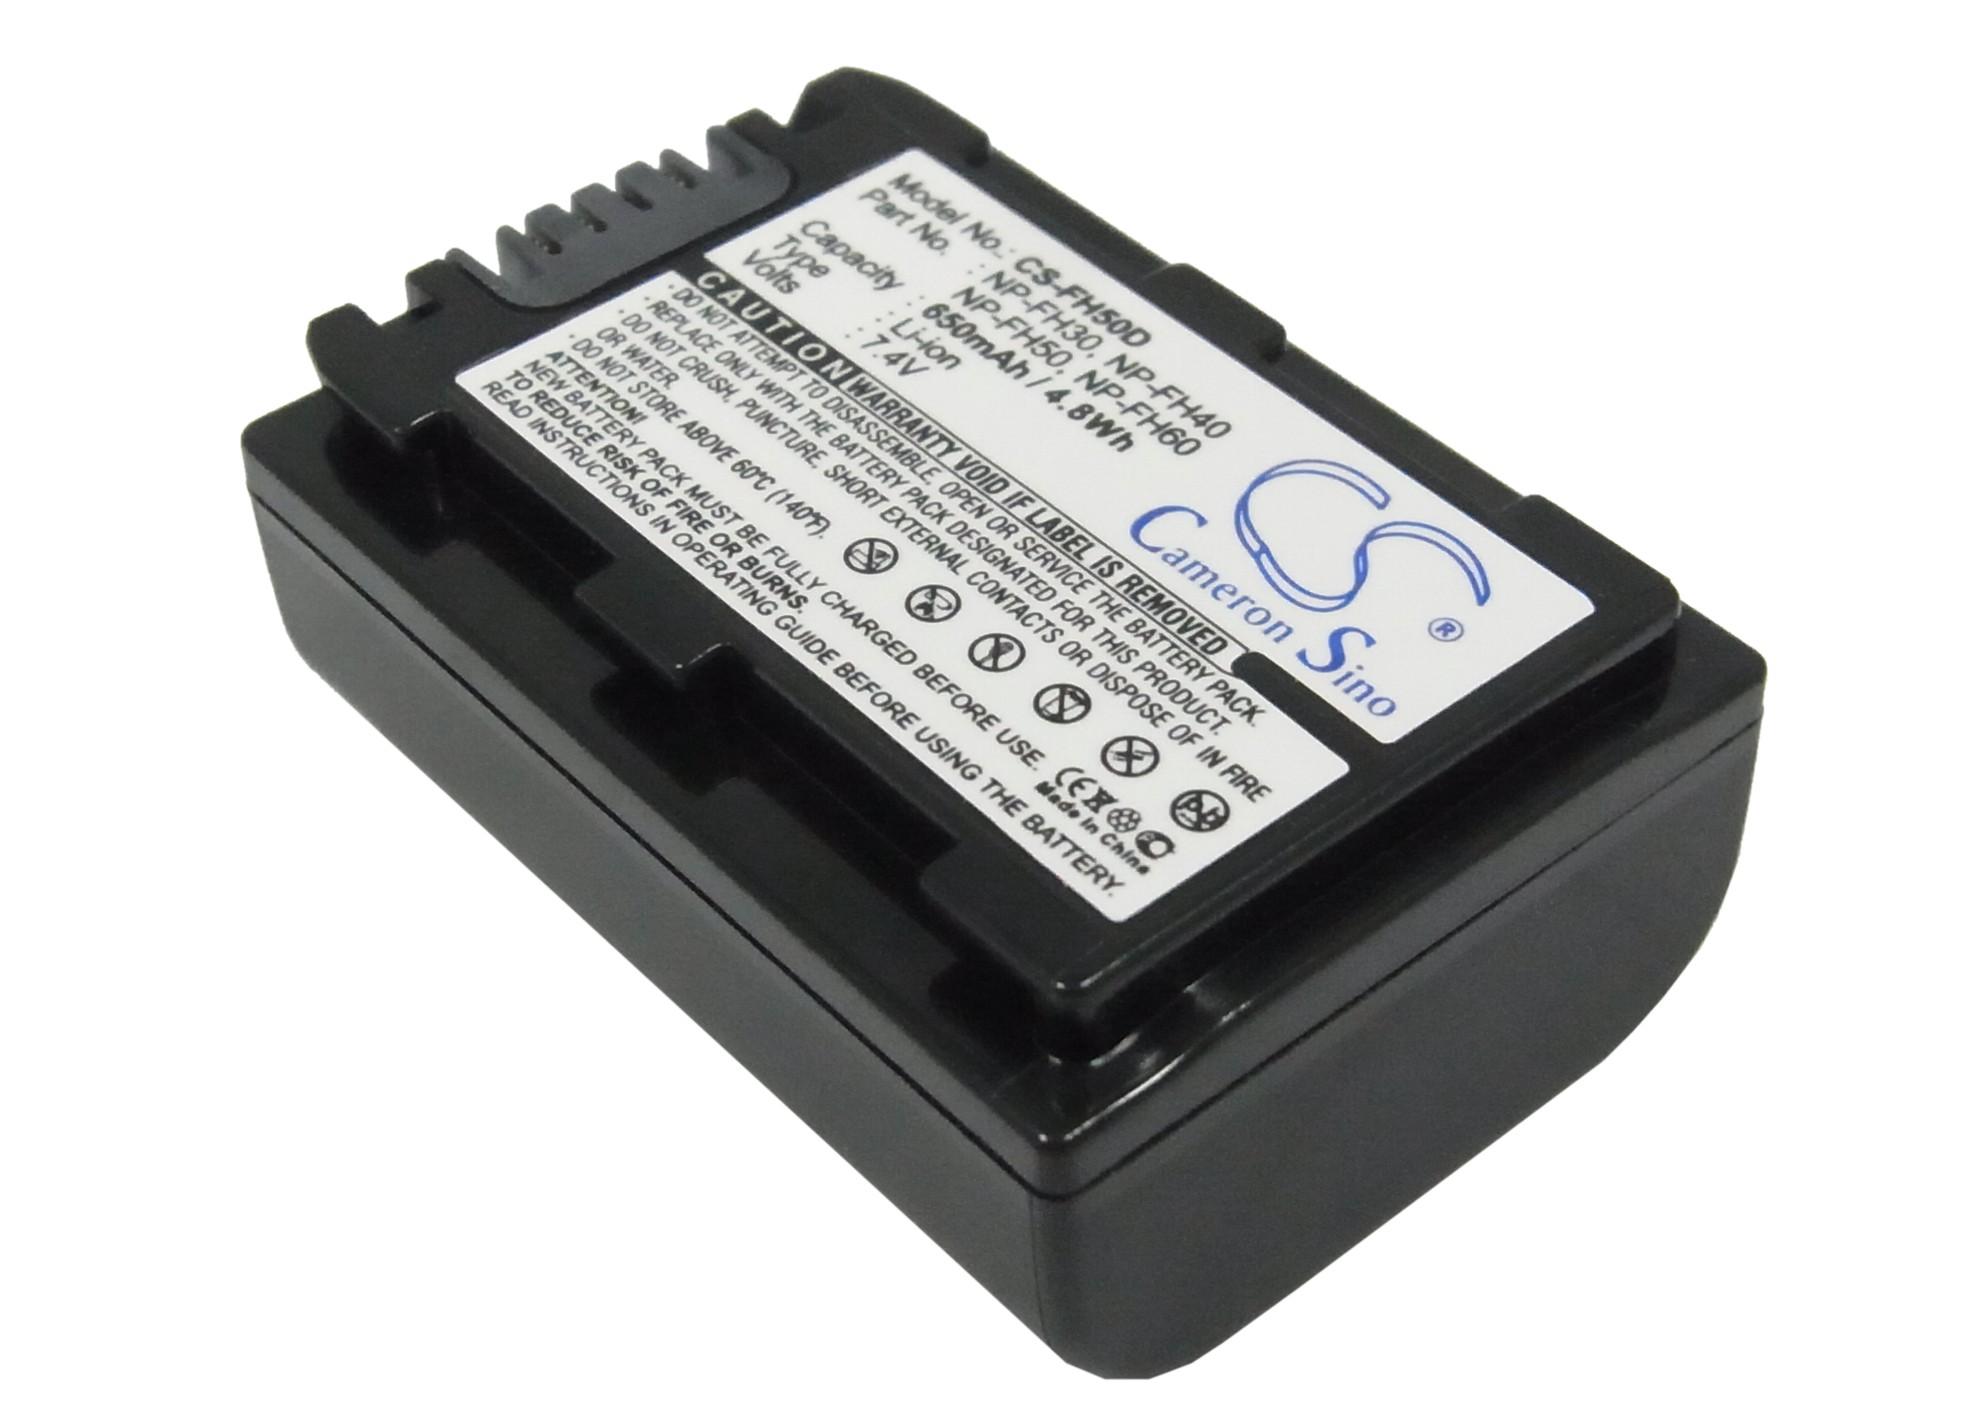 Cameron Sino baterie do kamer a fotoaparátů pro SONY HDR-CX12 7.4V Li-ion 650mAh tmavě šedá - neoriginální